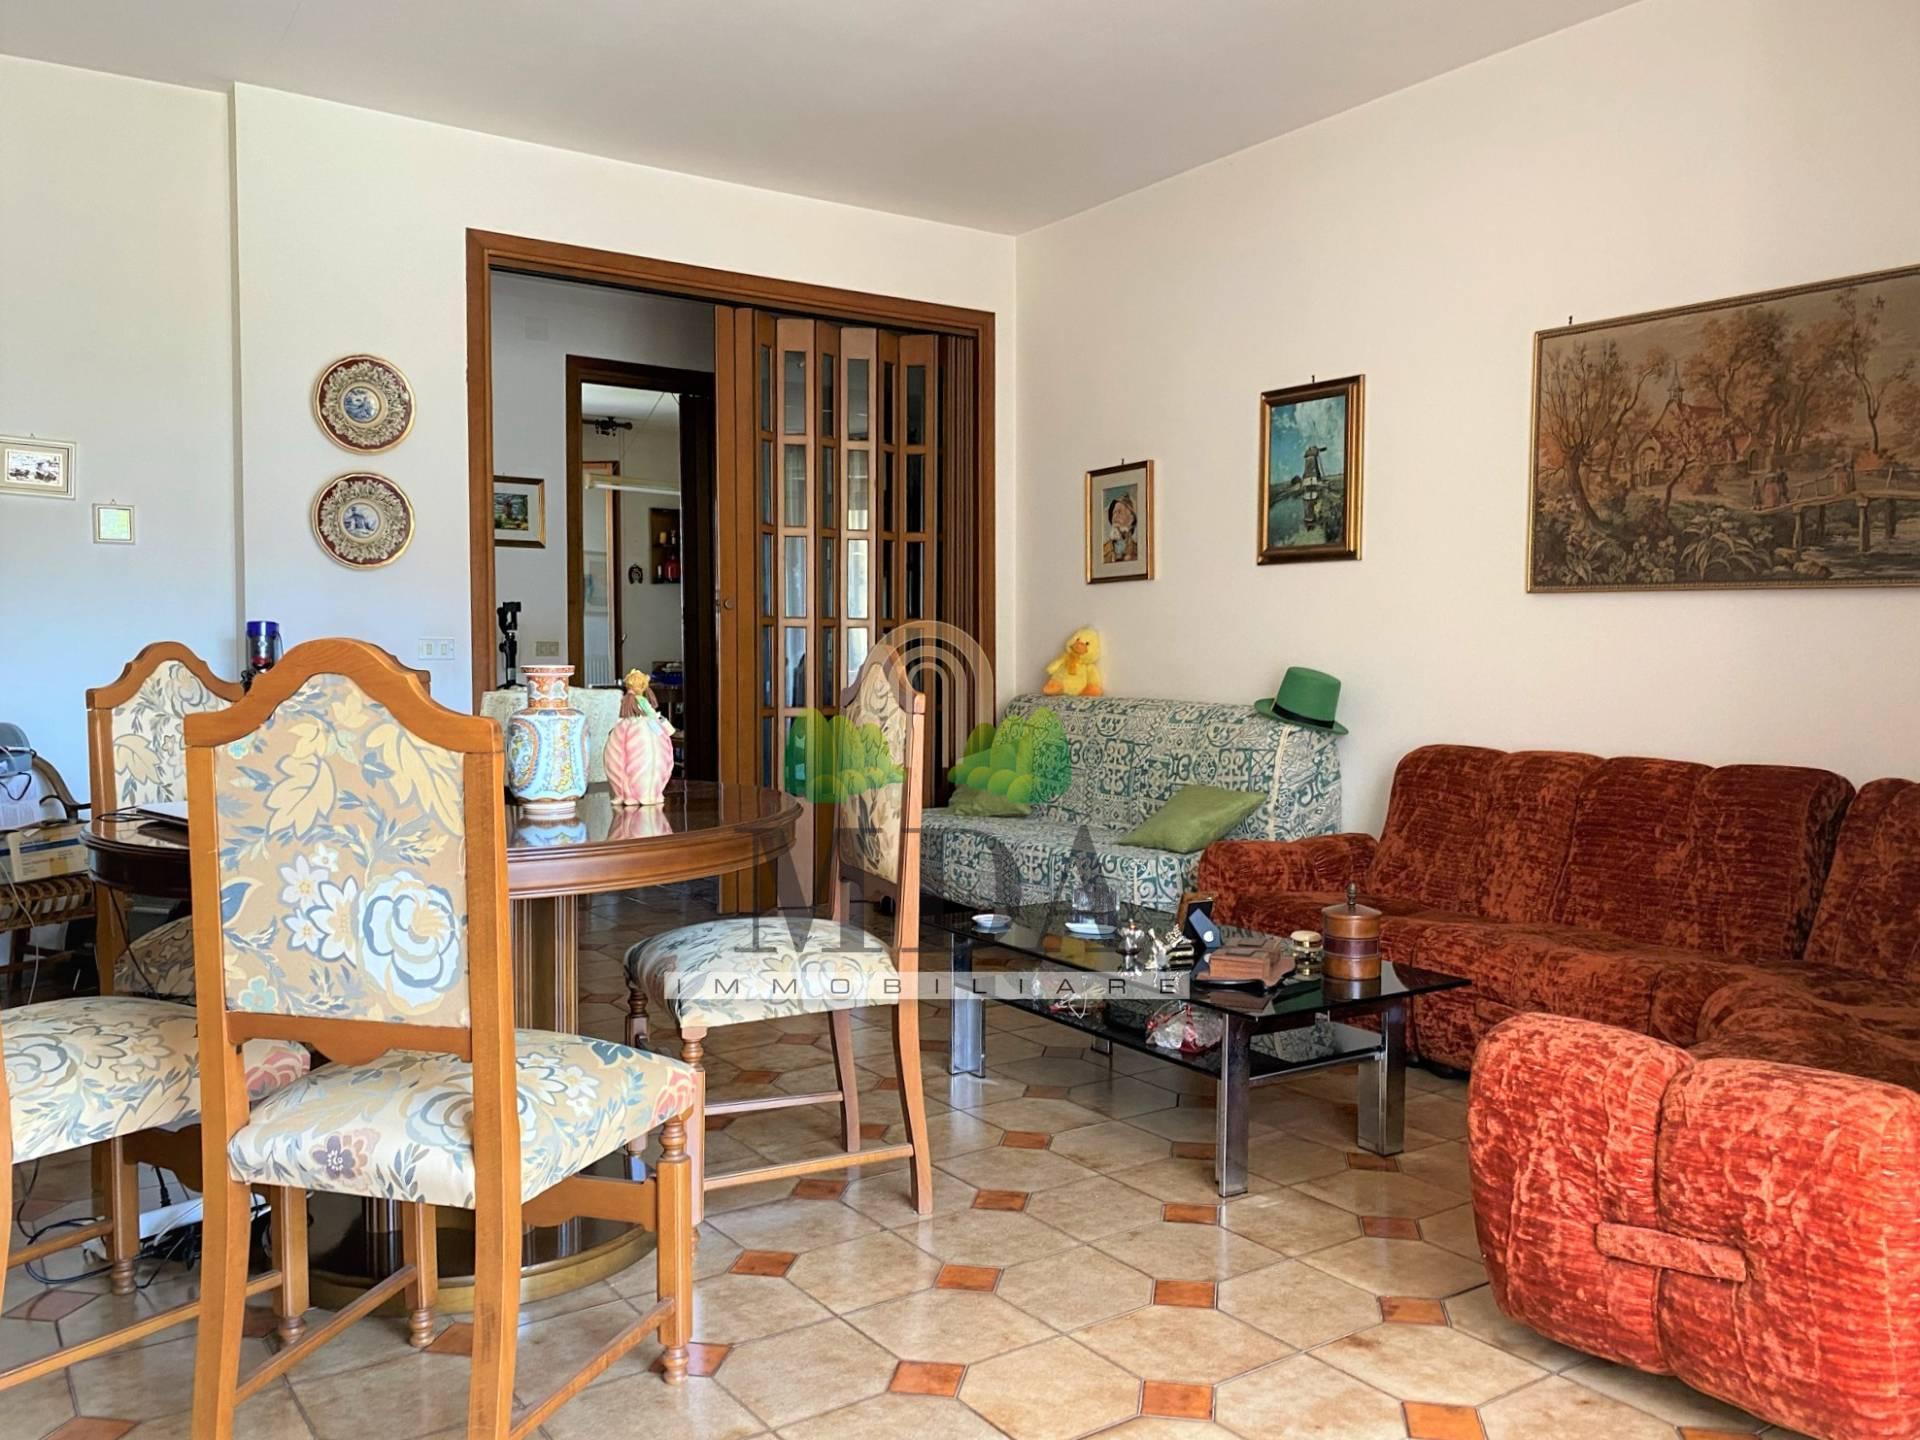 Appartamento in vendita a Martinsicuro, 6 locali, prezzo € 97.000 | PortaleAgenzieImmobiliari.it